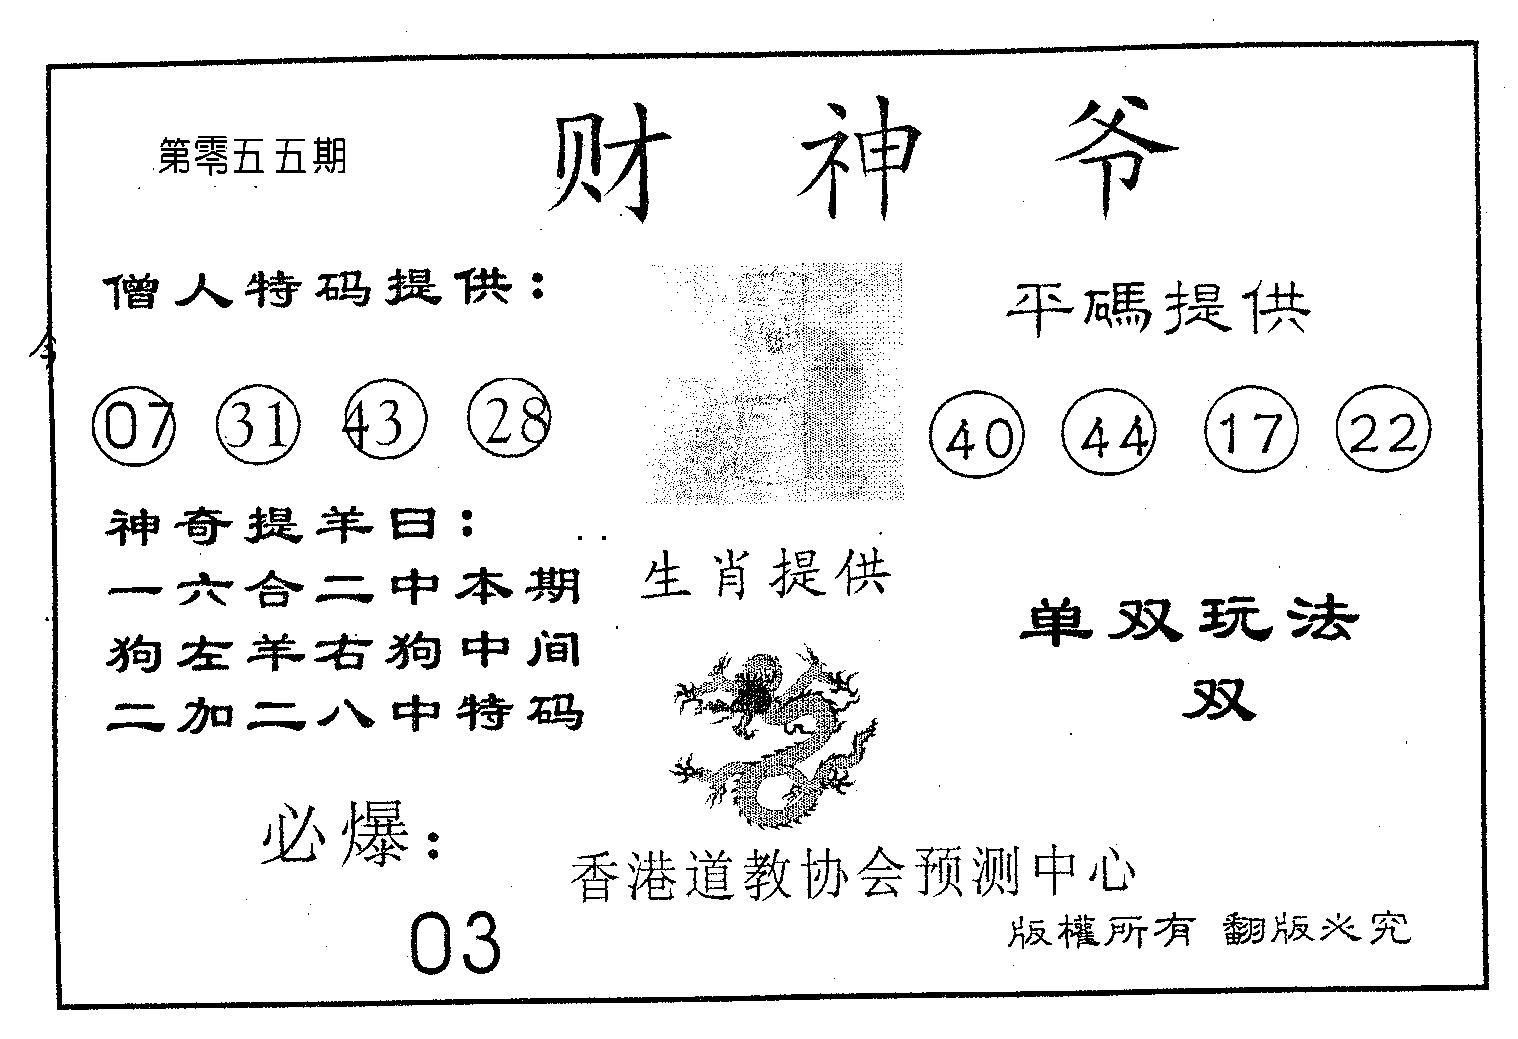 055期财神爷(黑白)